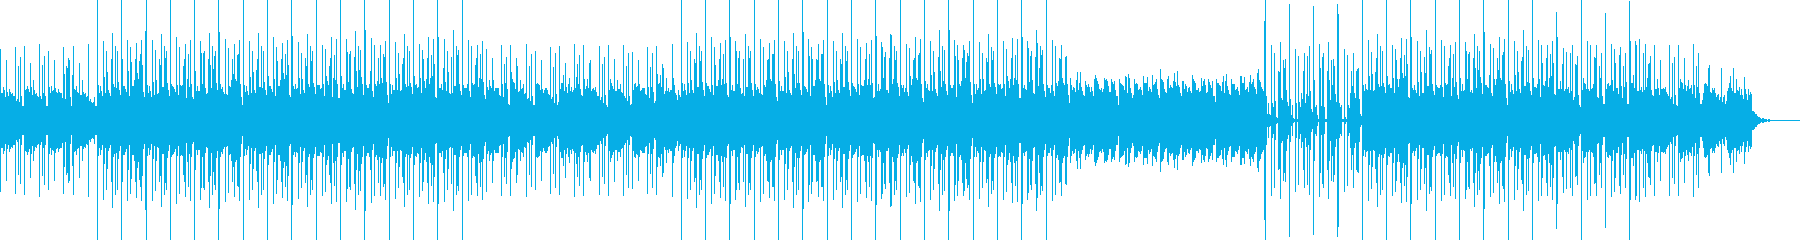 フルートとエレピのヒップホップサウンドの再生済みの波形